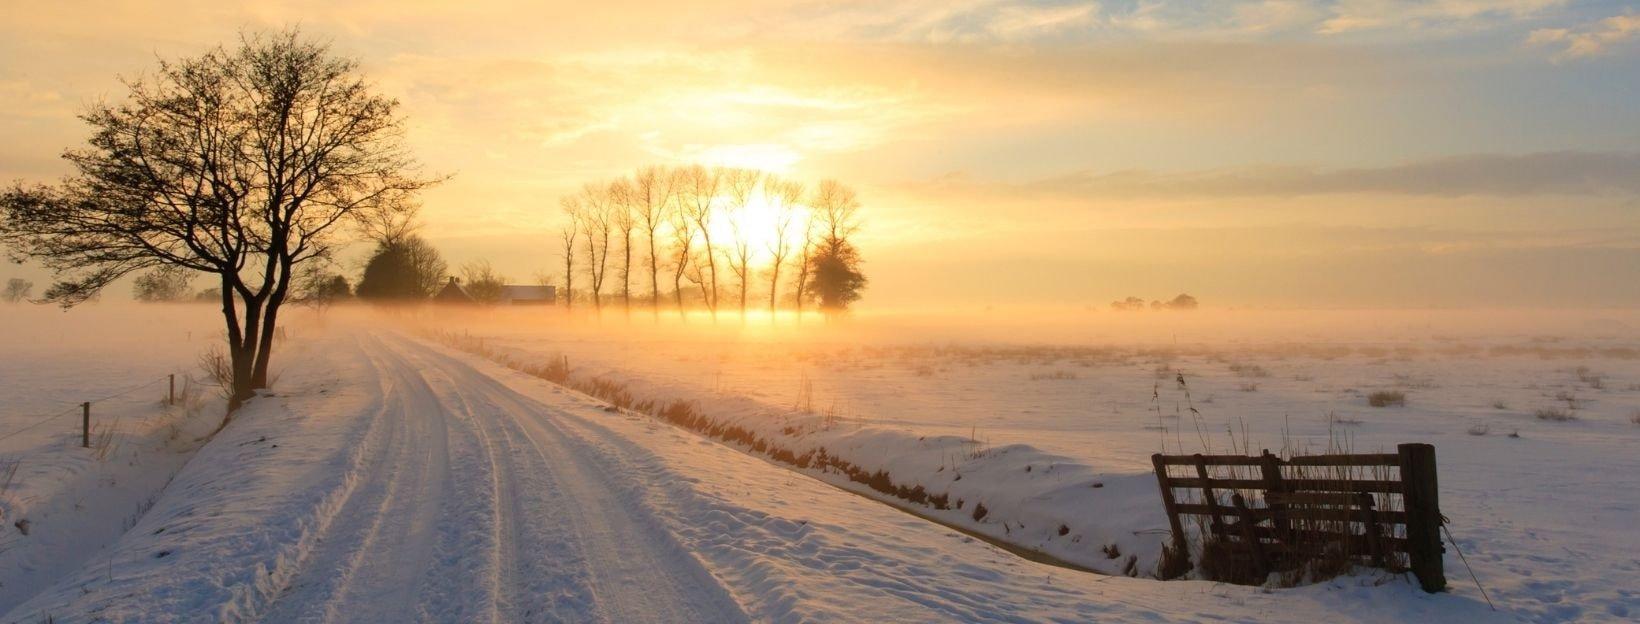 35 schöne winterhintergrundbilder für desktop  co